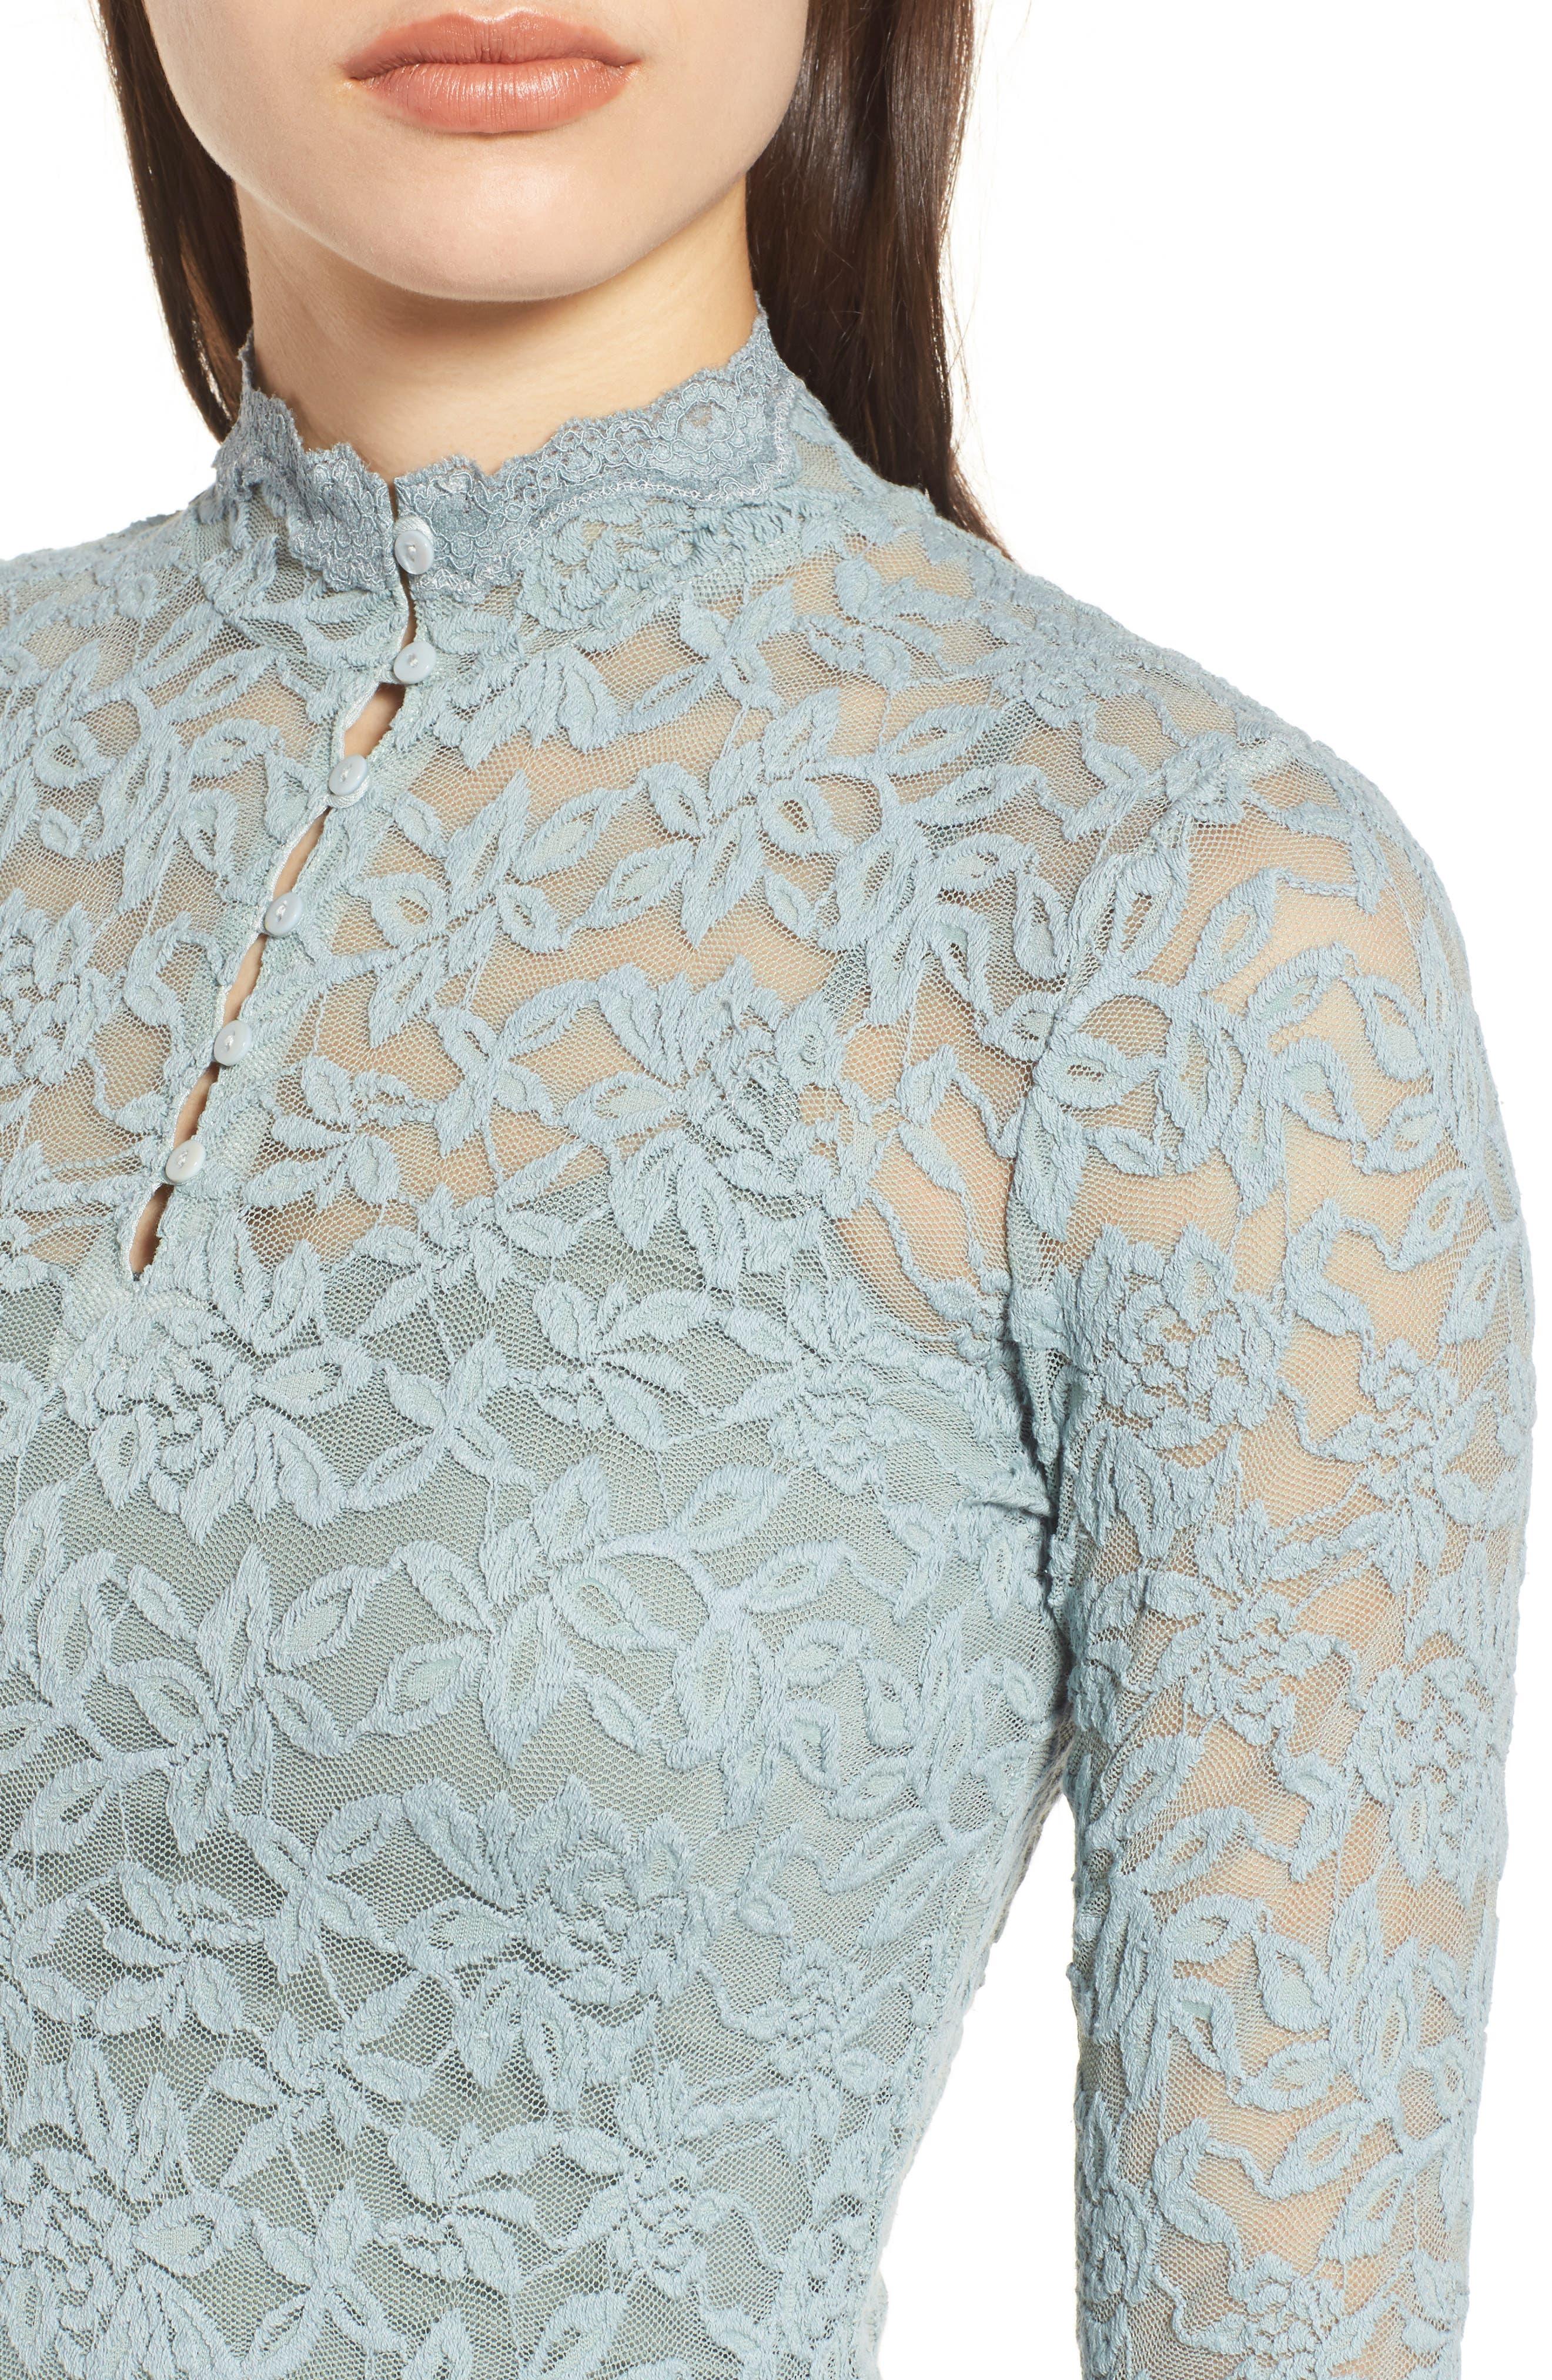 Delicia Long Sleeve Top,                             Alternate thumbnail 4, color,                             Puritan Grey